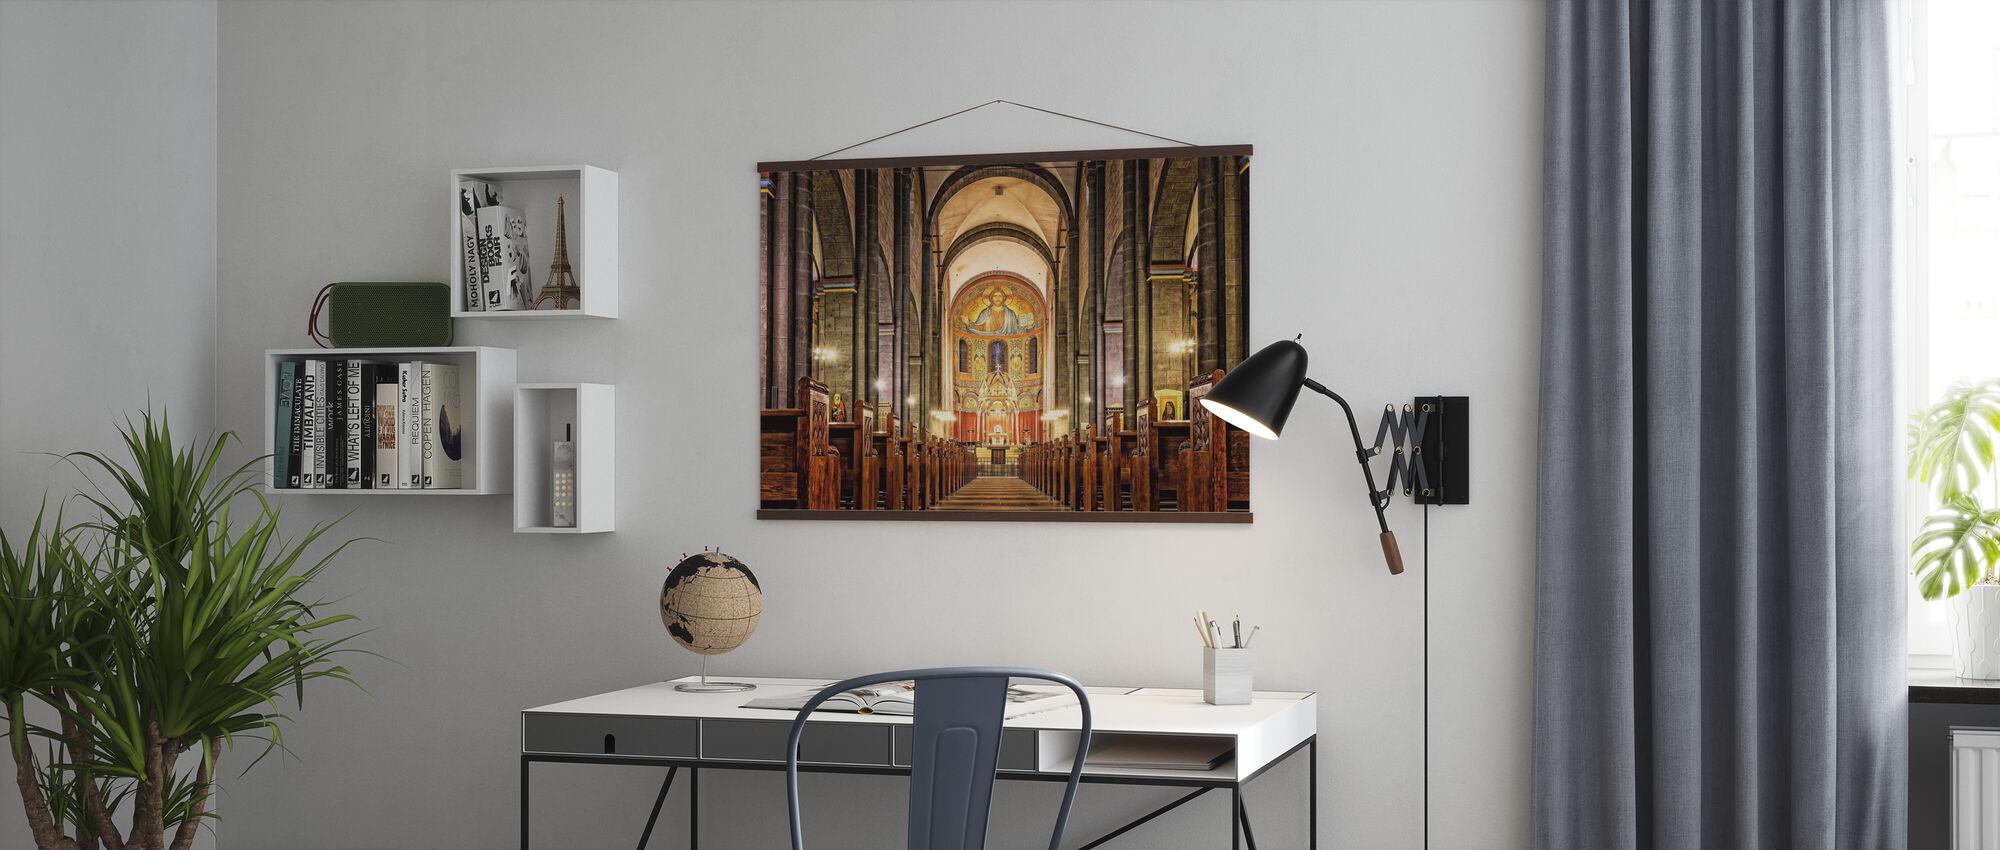 Dom kirkko - Juliste - Toimisto